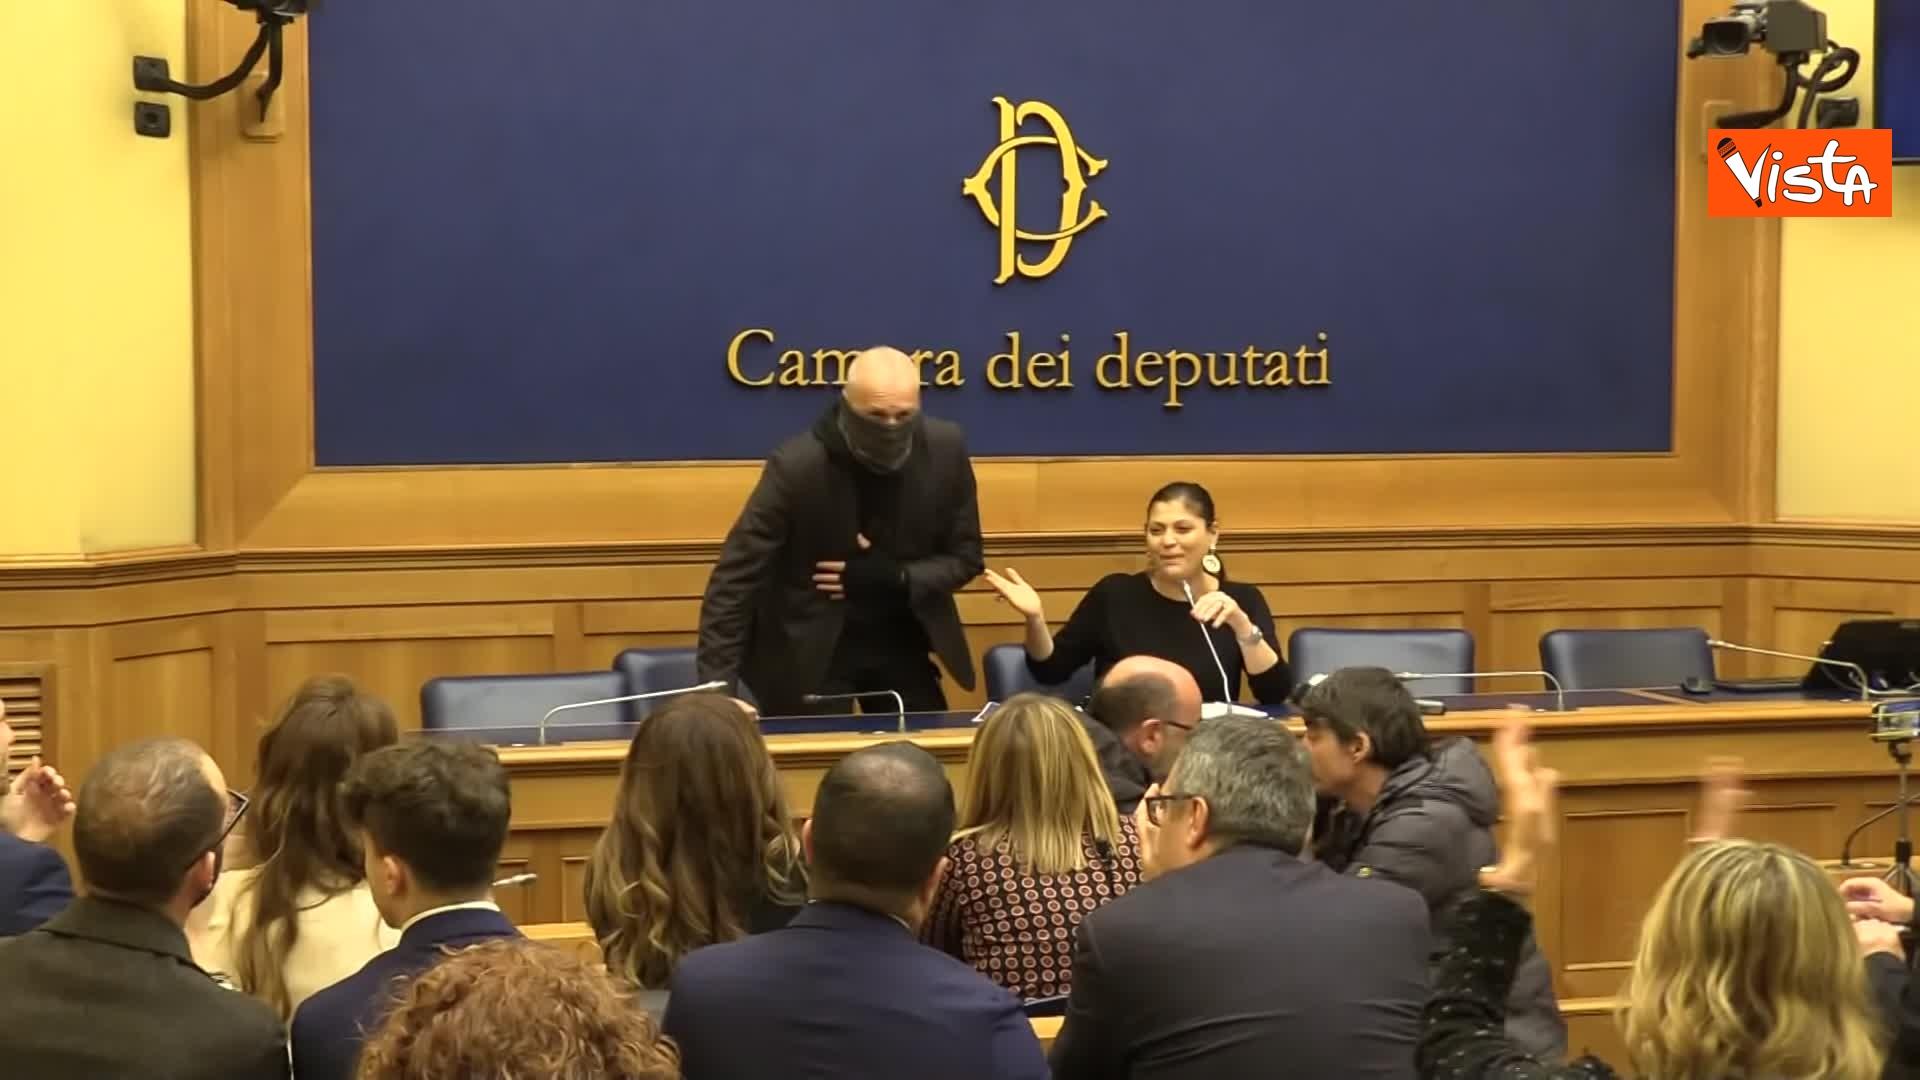 18-02-20 Jole Santelli presenta il nuovo Assessore all'Ambiente della Calabria 'Capitano Ultimo', le immagini_05